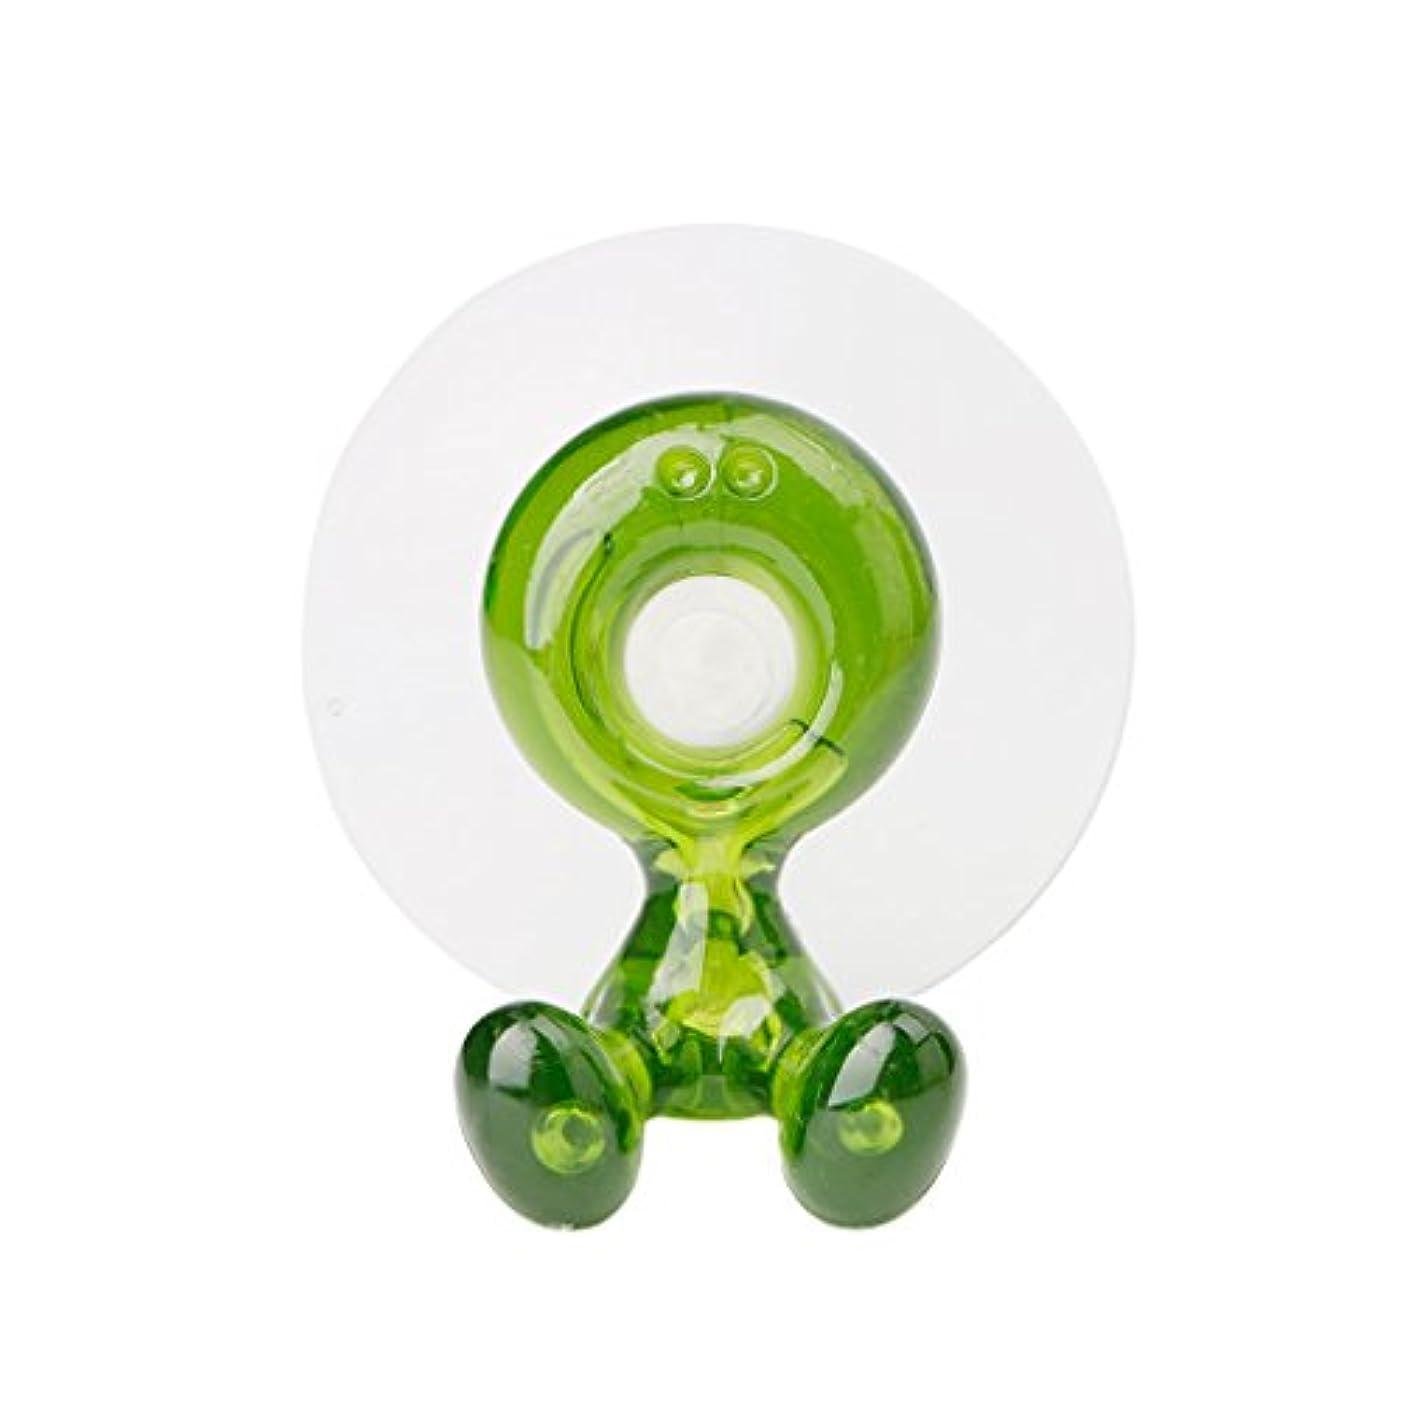 磁器持続的ピラミッドLamdooかわいい浴室歯ブラシスピンブラシサクションホルダーラックウォールマウントハングスタンドグリーン